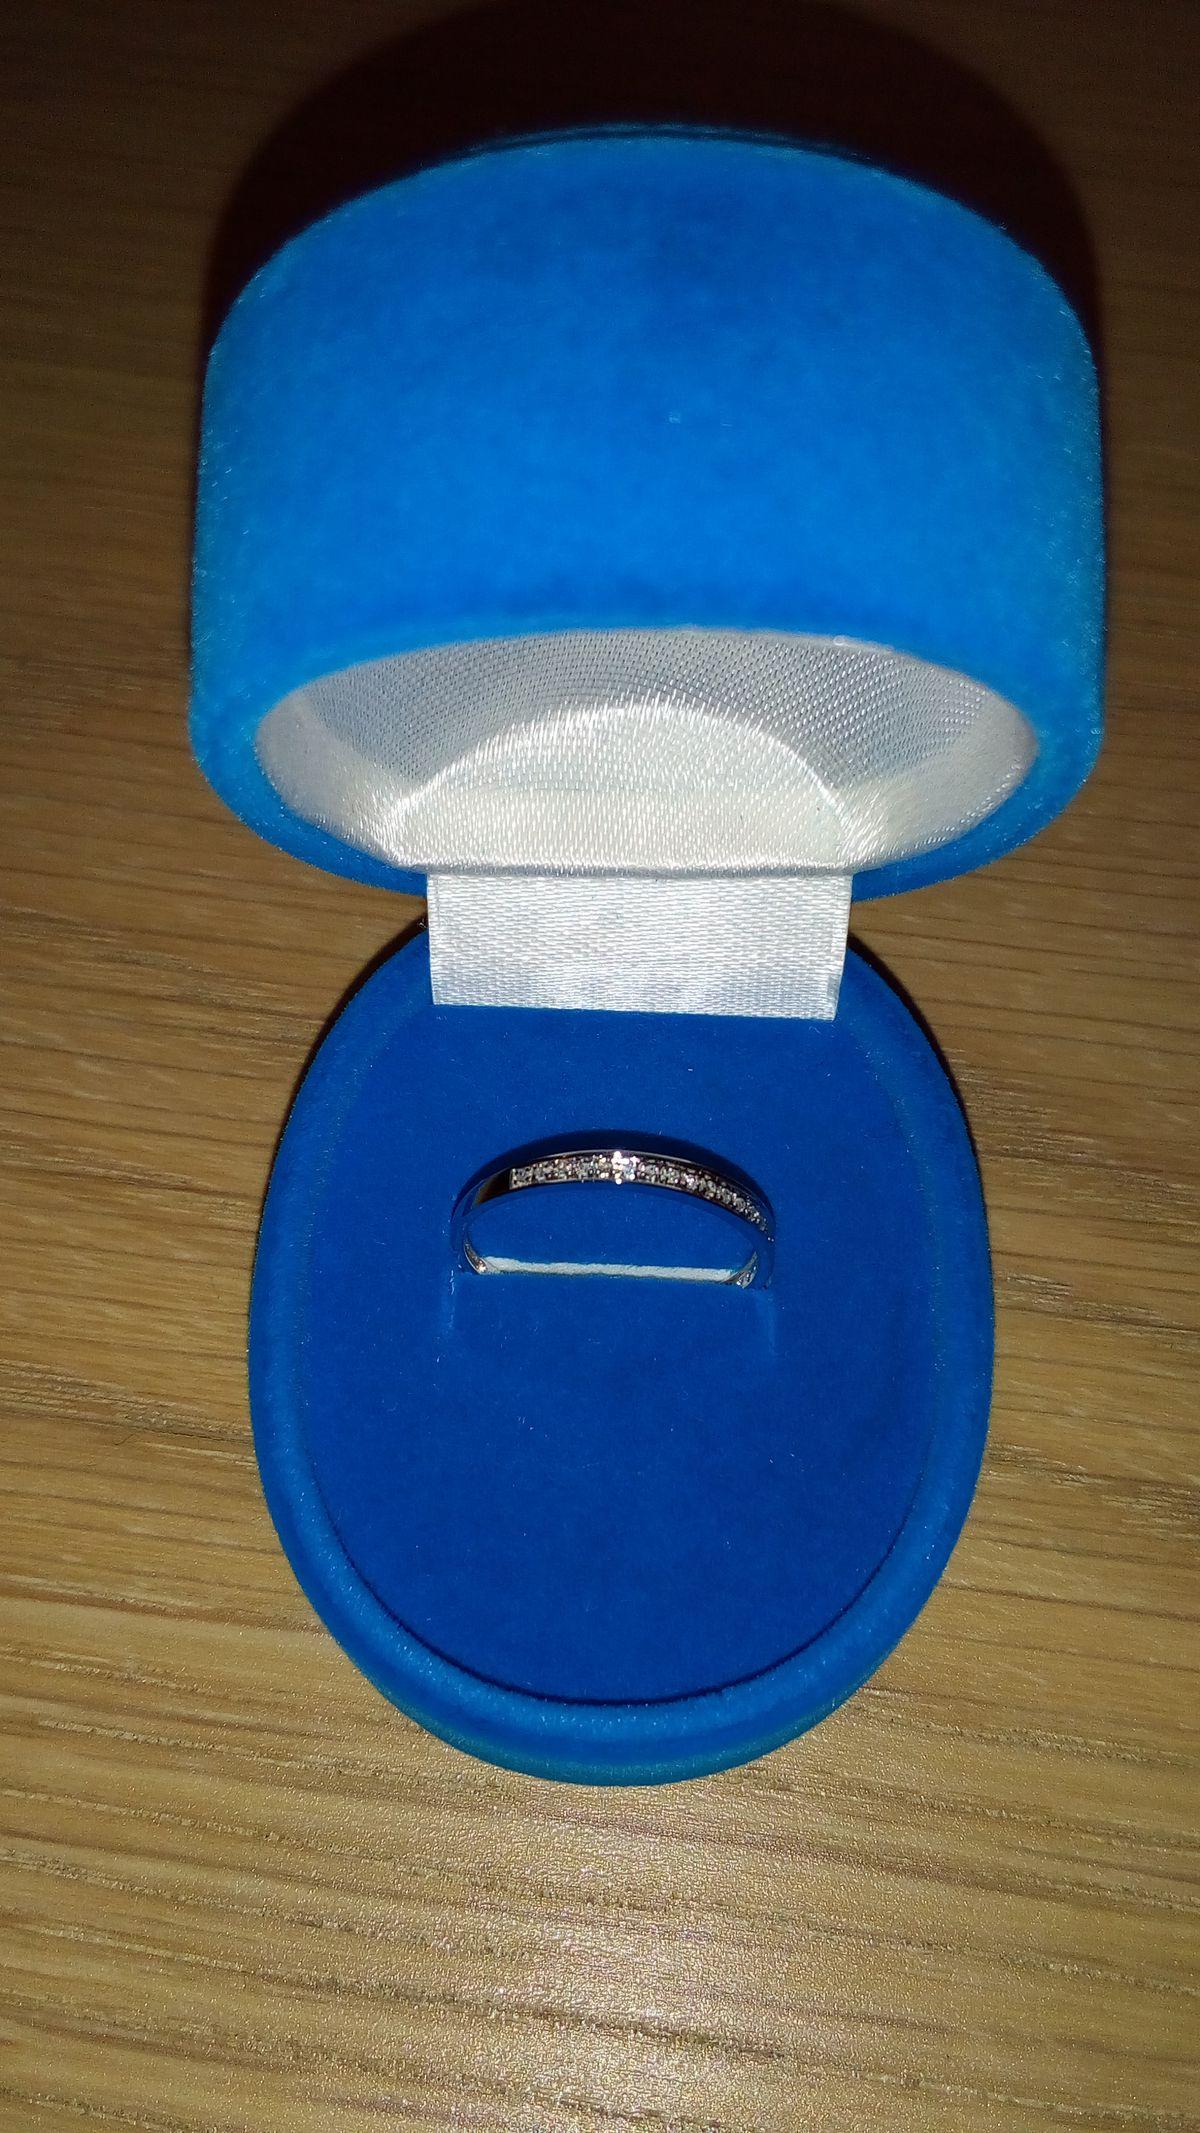 Лаконичное кольцо для хорошего настроения